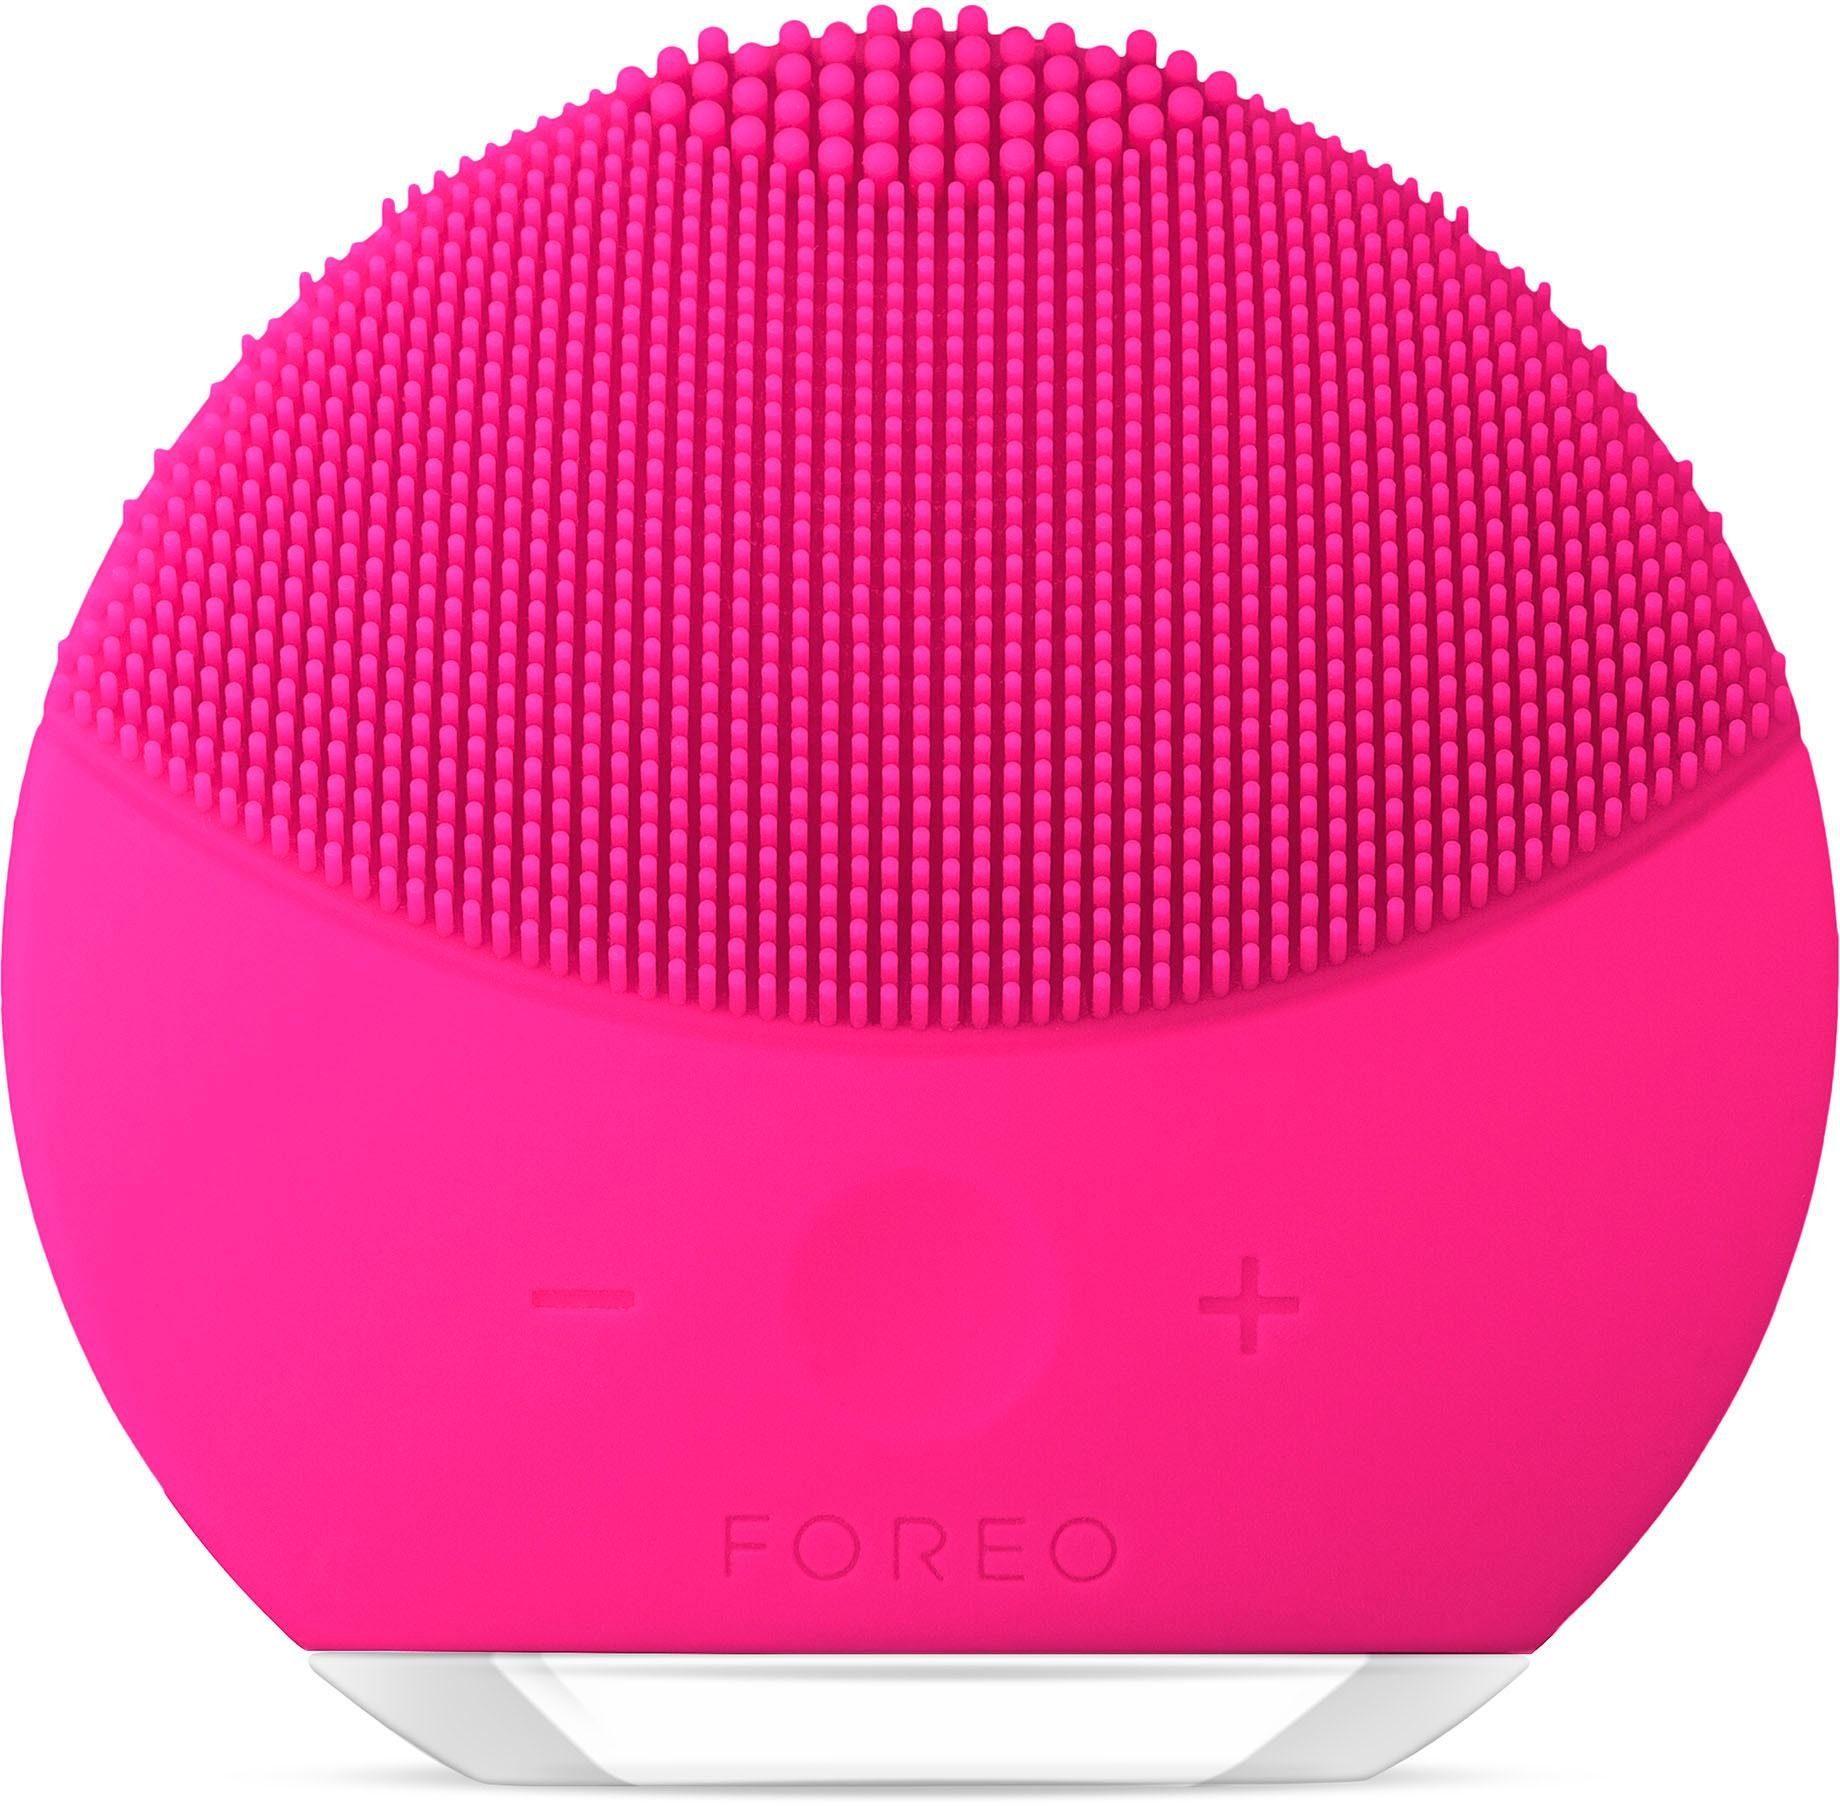 FOREO Elektrische Gesichtsreinigungsbürste LUNA mini 2 Fuchsia, für jeden Hauttyp geeignet, USB wiederaufladbar